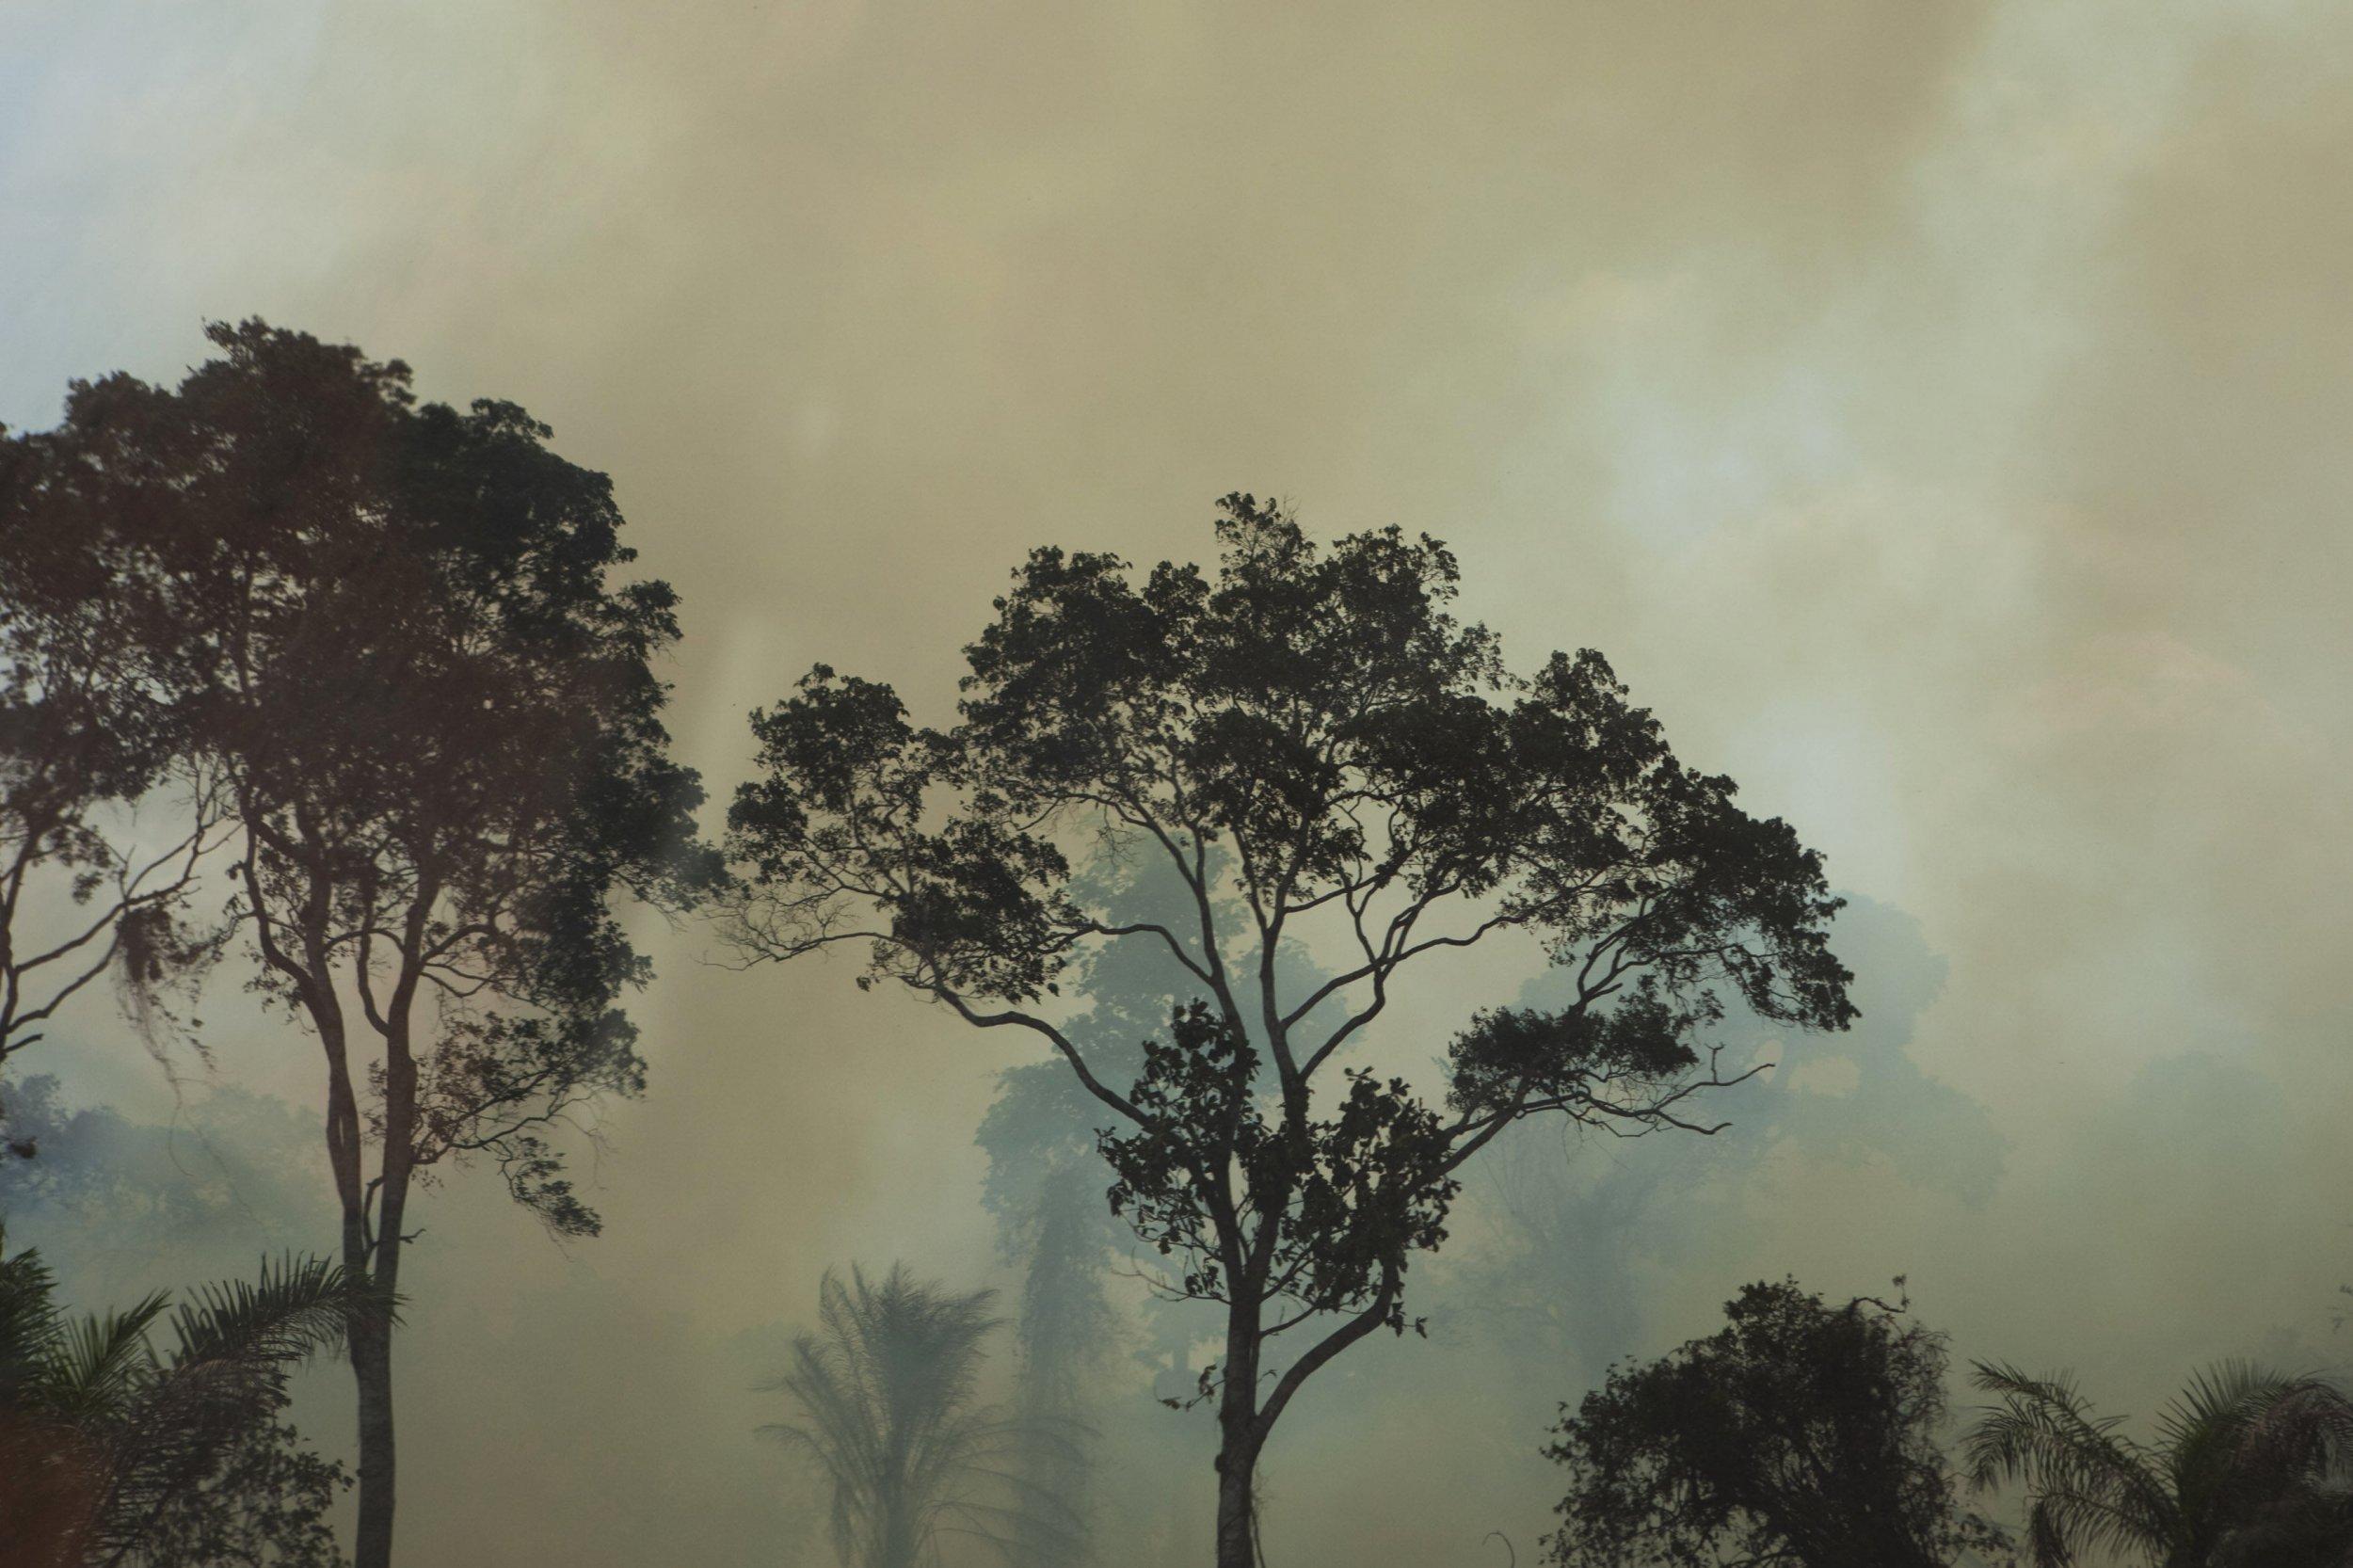 burning-forest-sierra-leone